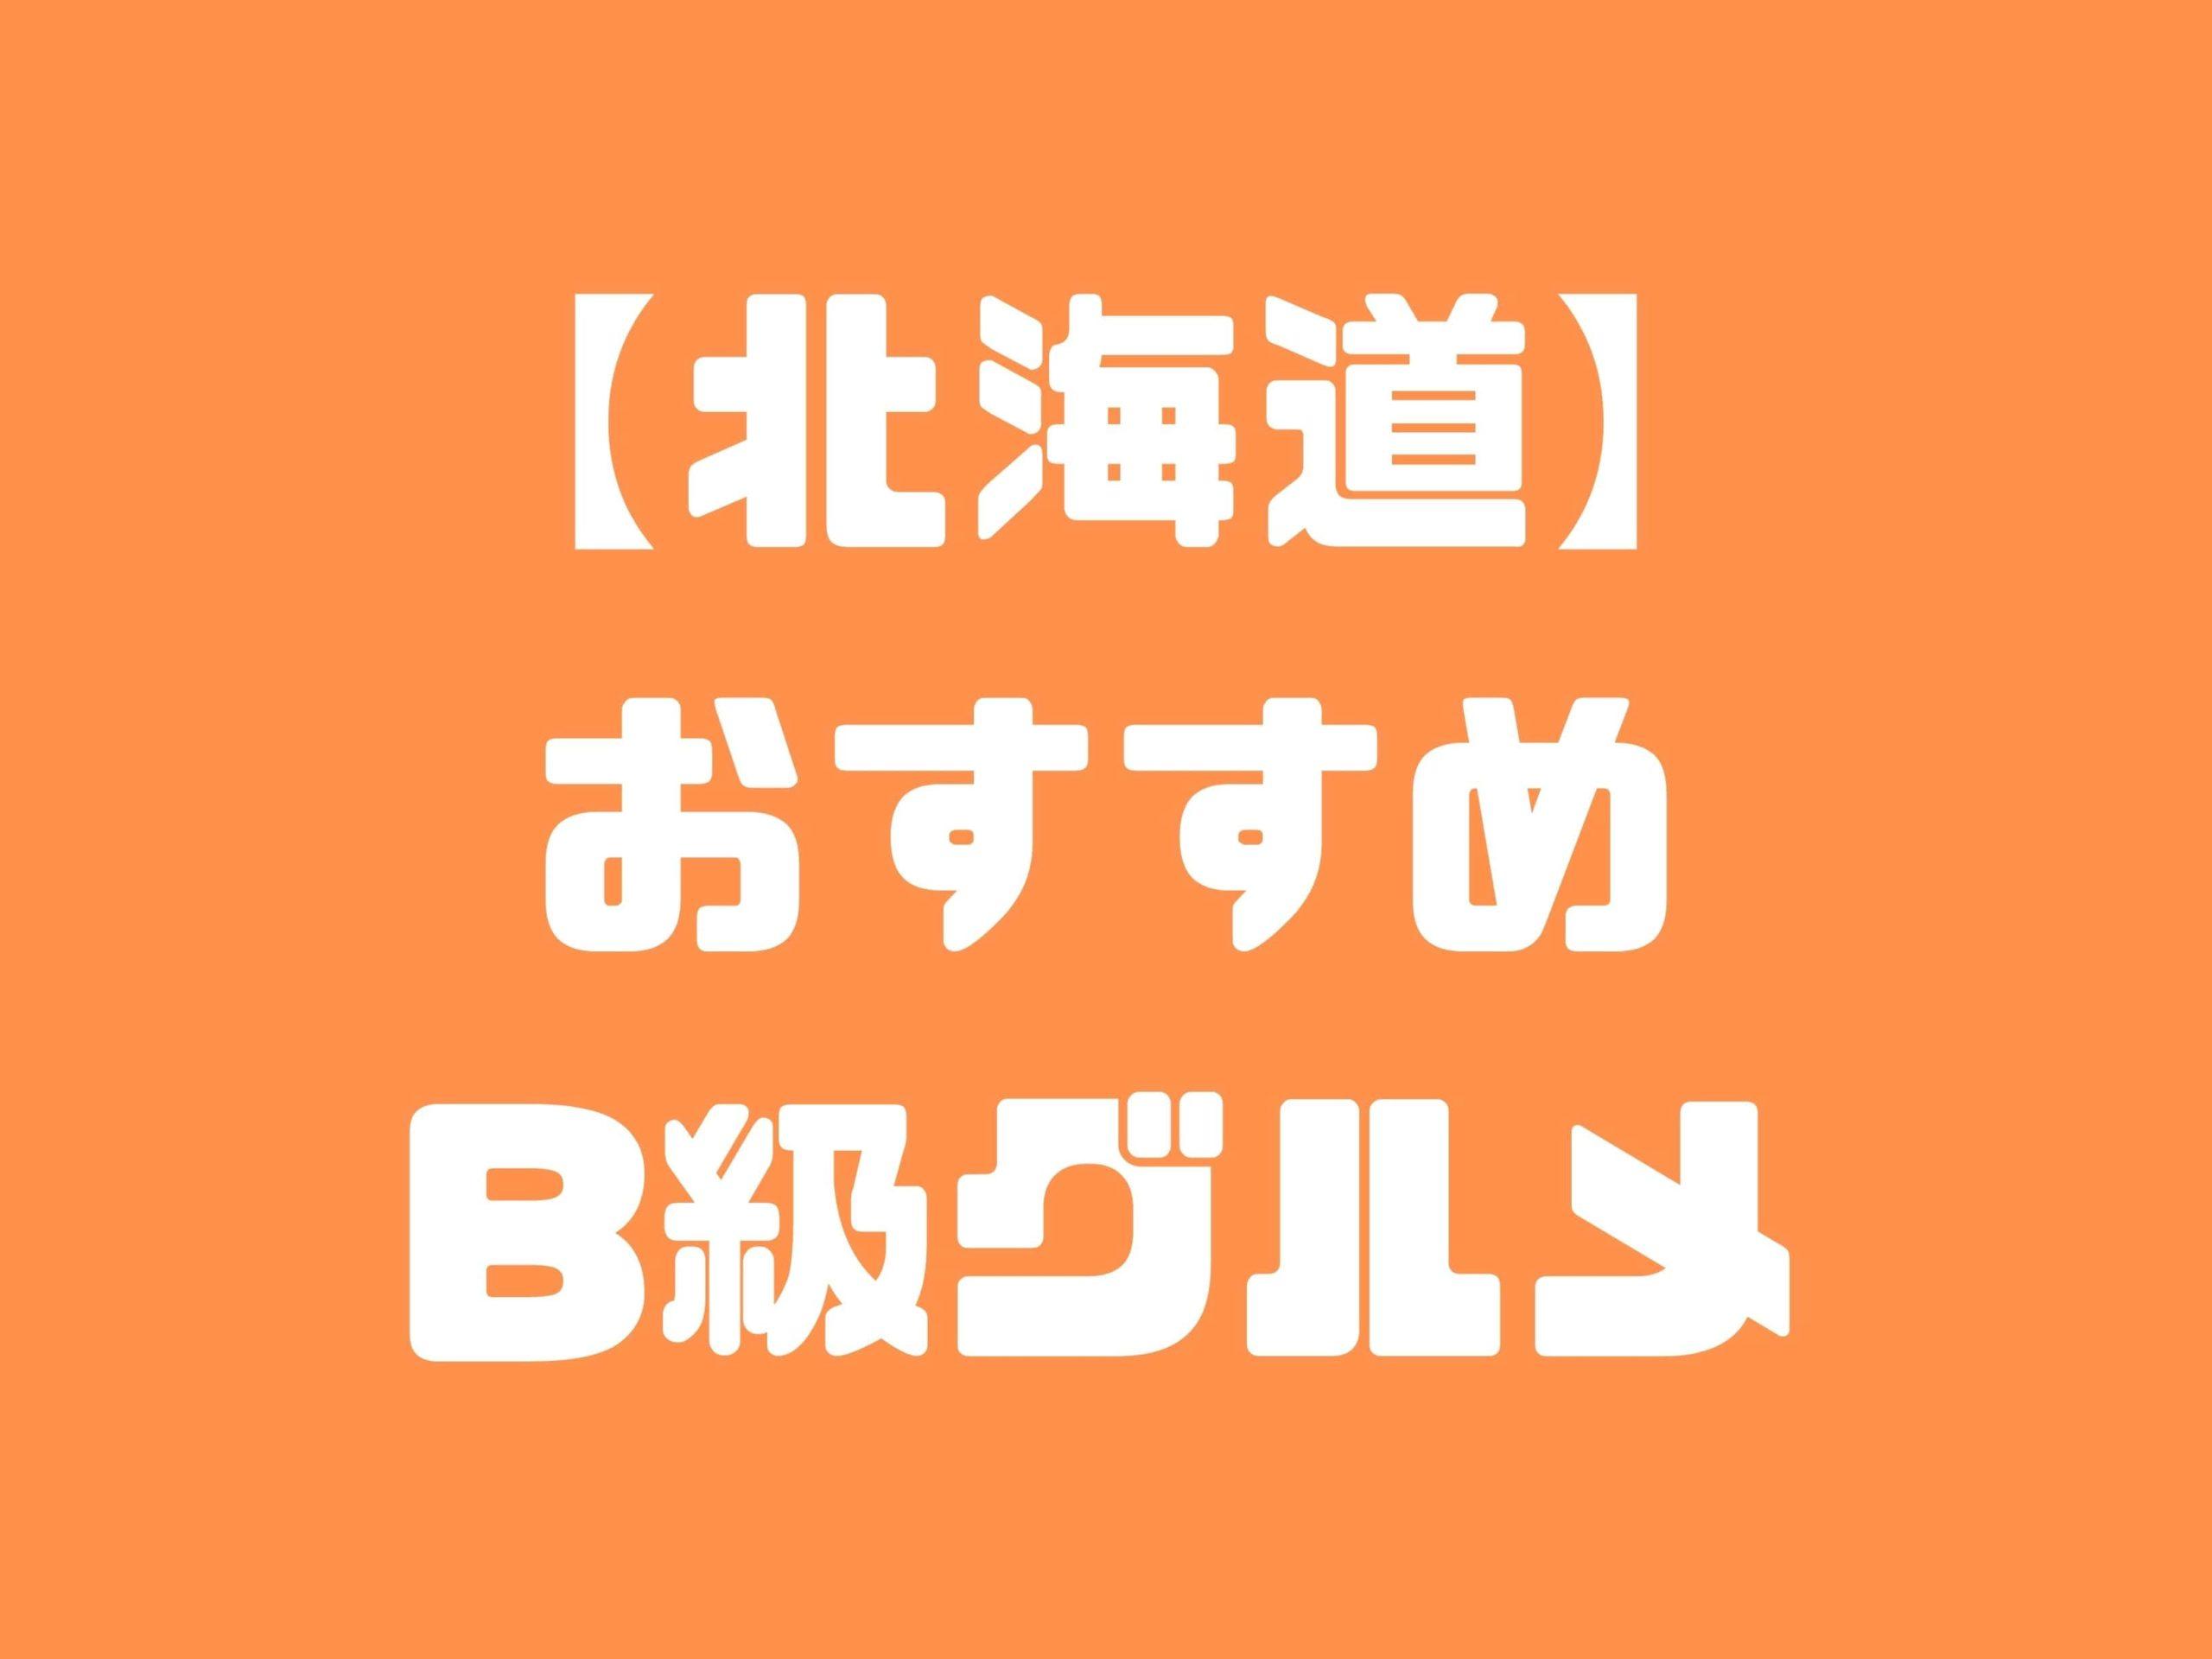 【北海道版】秘密のケンミンSHOWまとめ